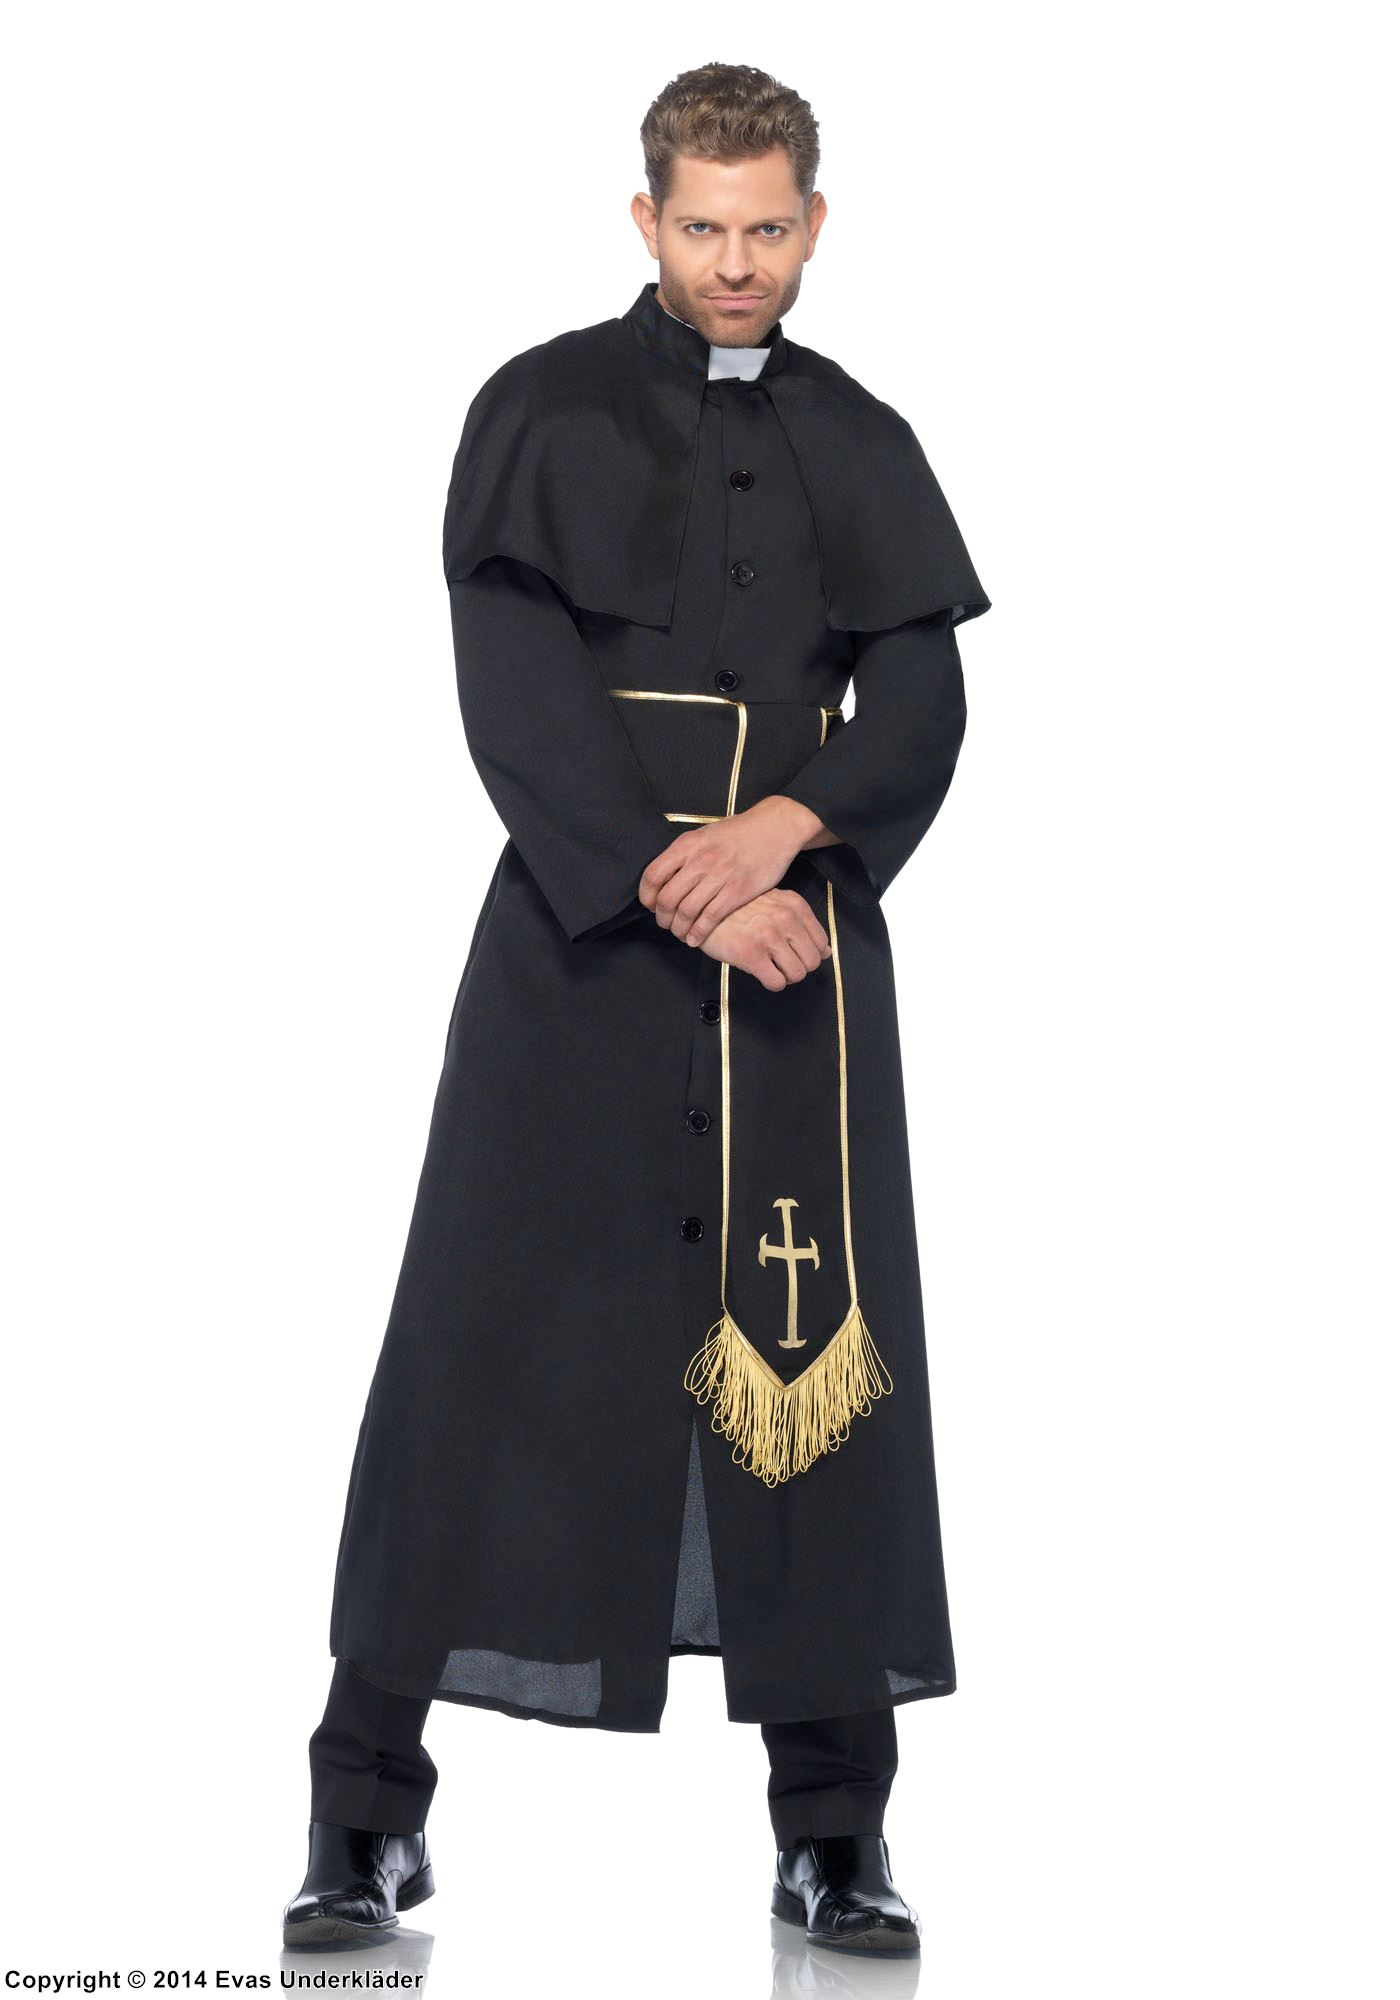 Katolsk präst 369094138d9a8